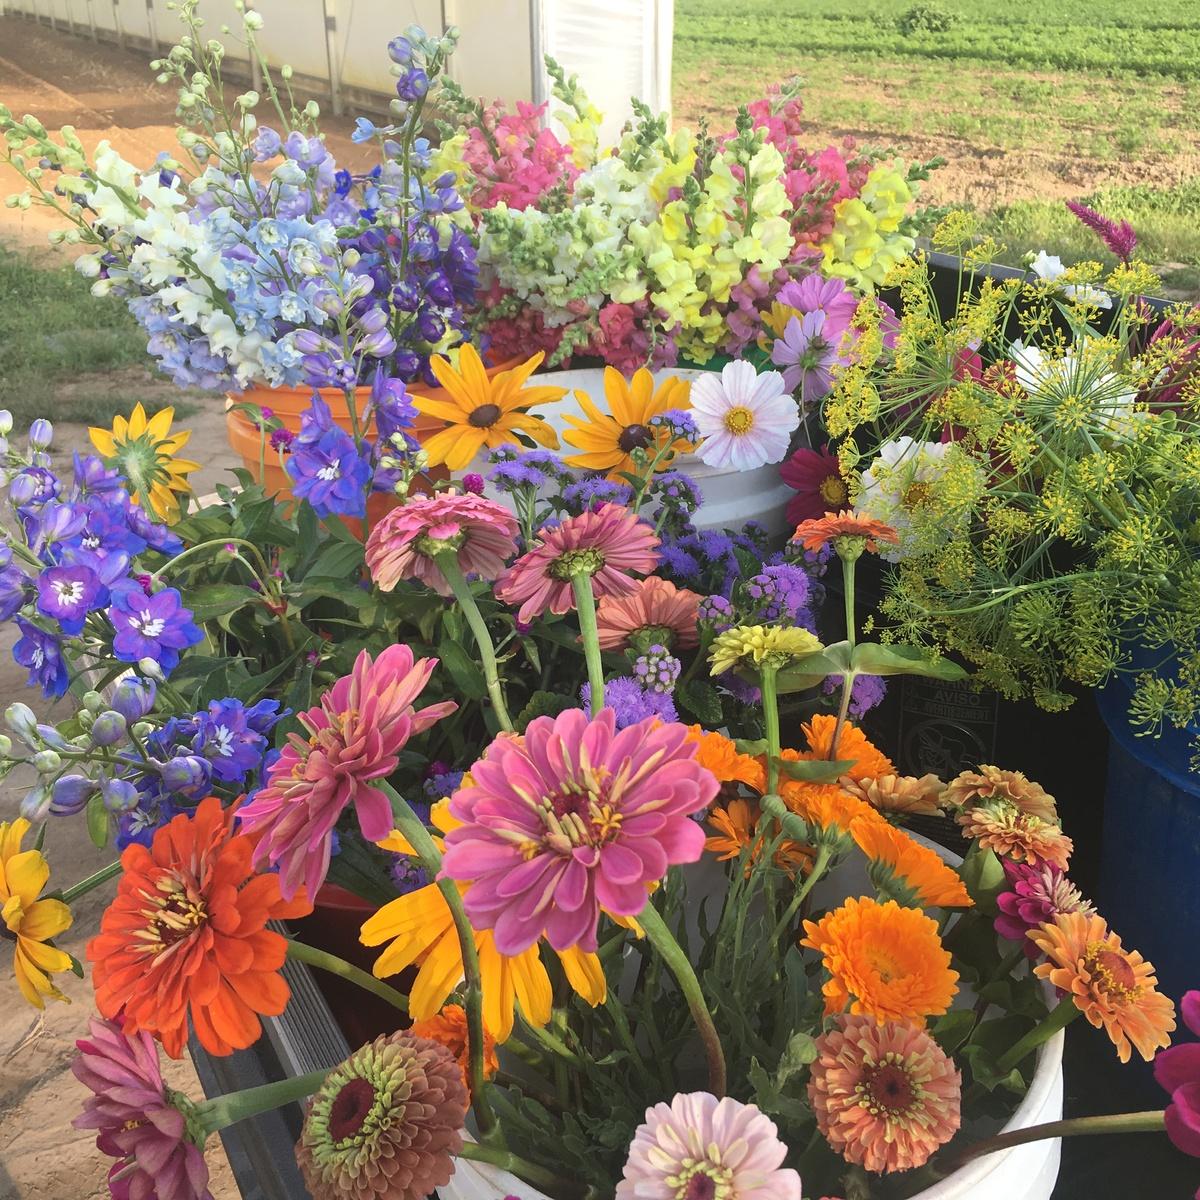 Flowers-Harvested